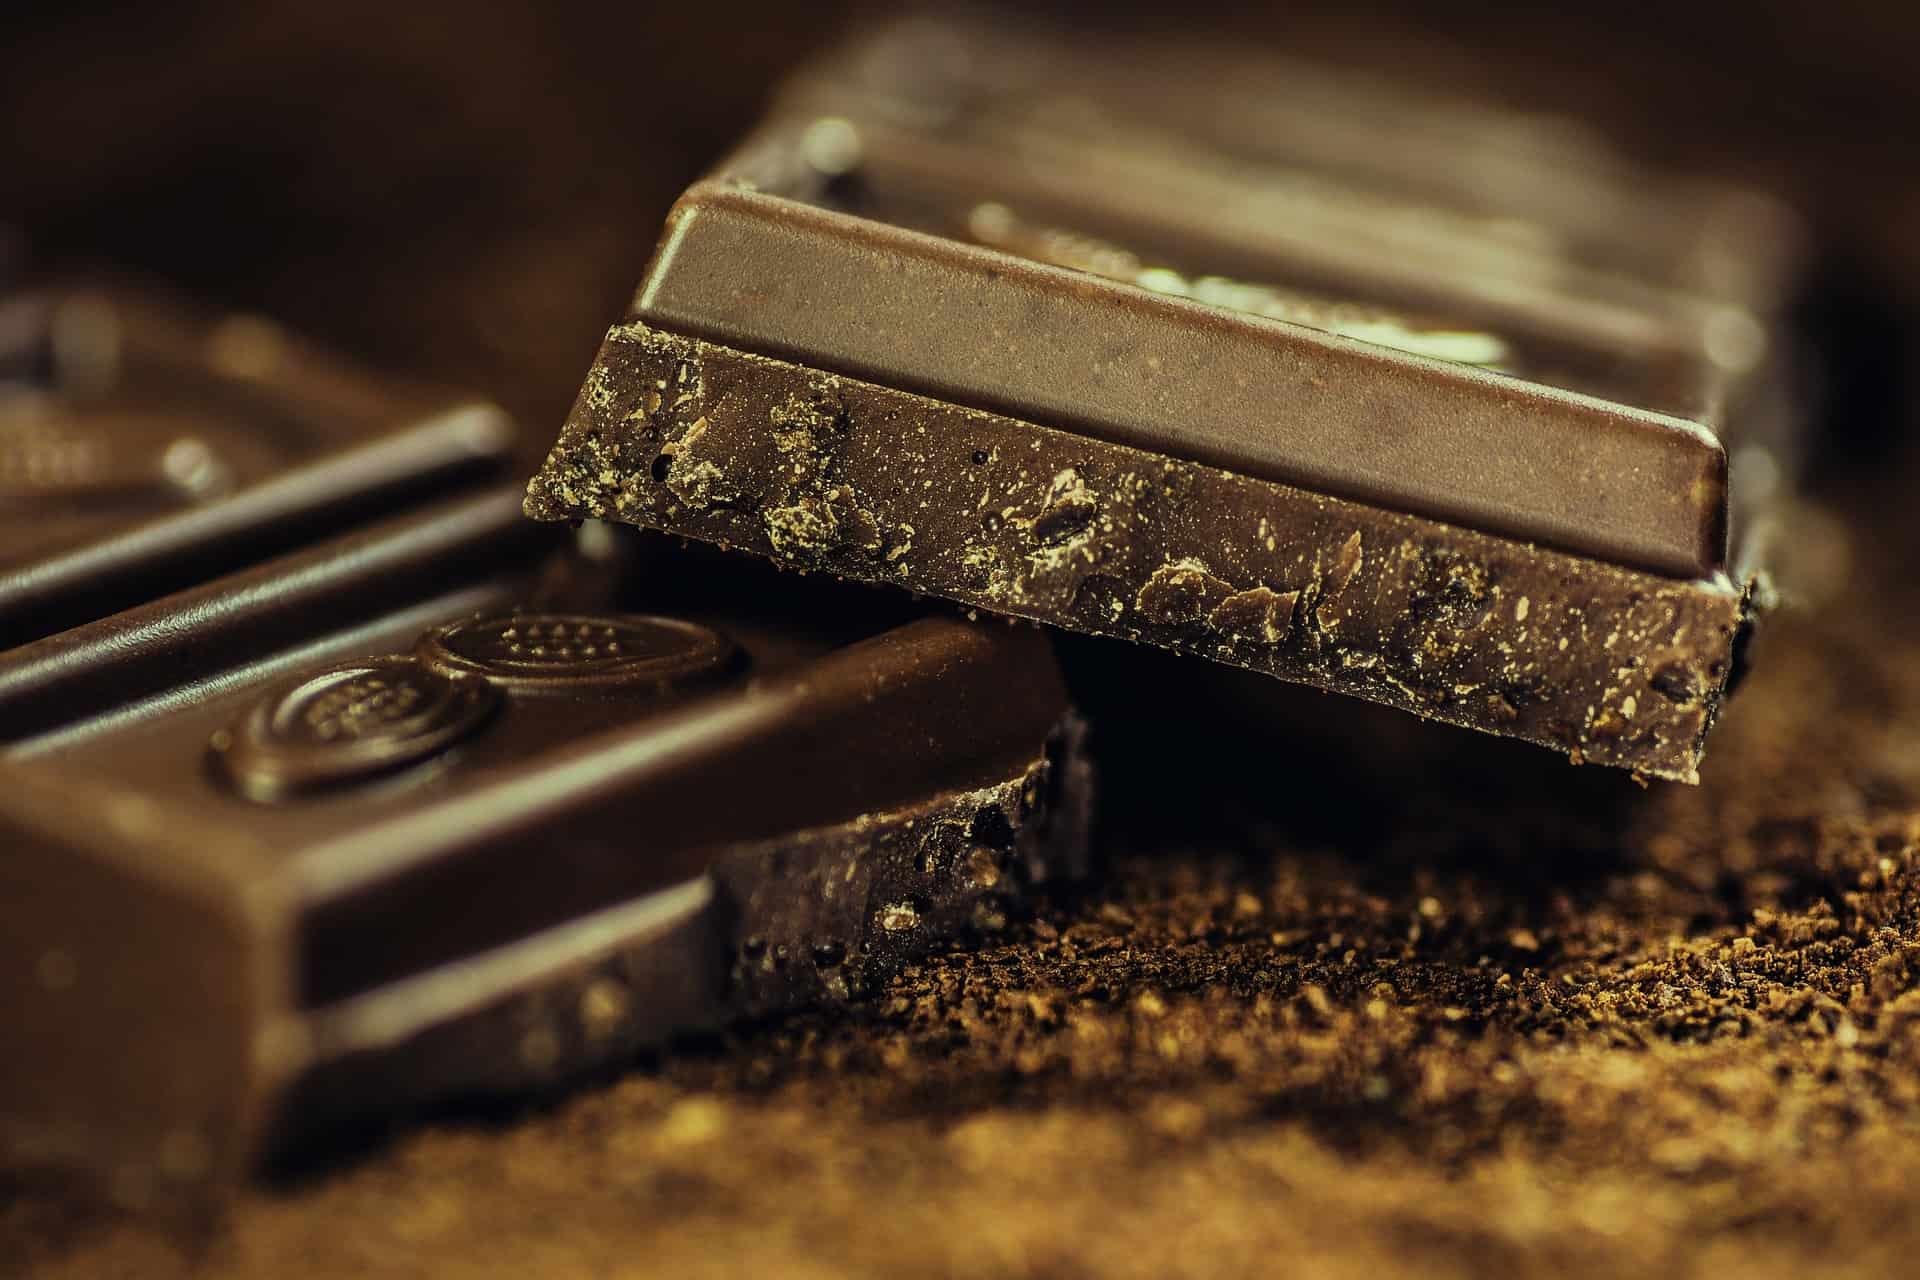 Laktosefreie Schokolade: Test & Empfehlungen (05/21)